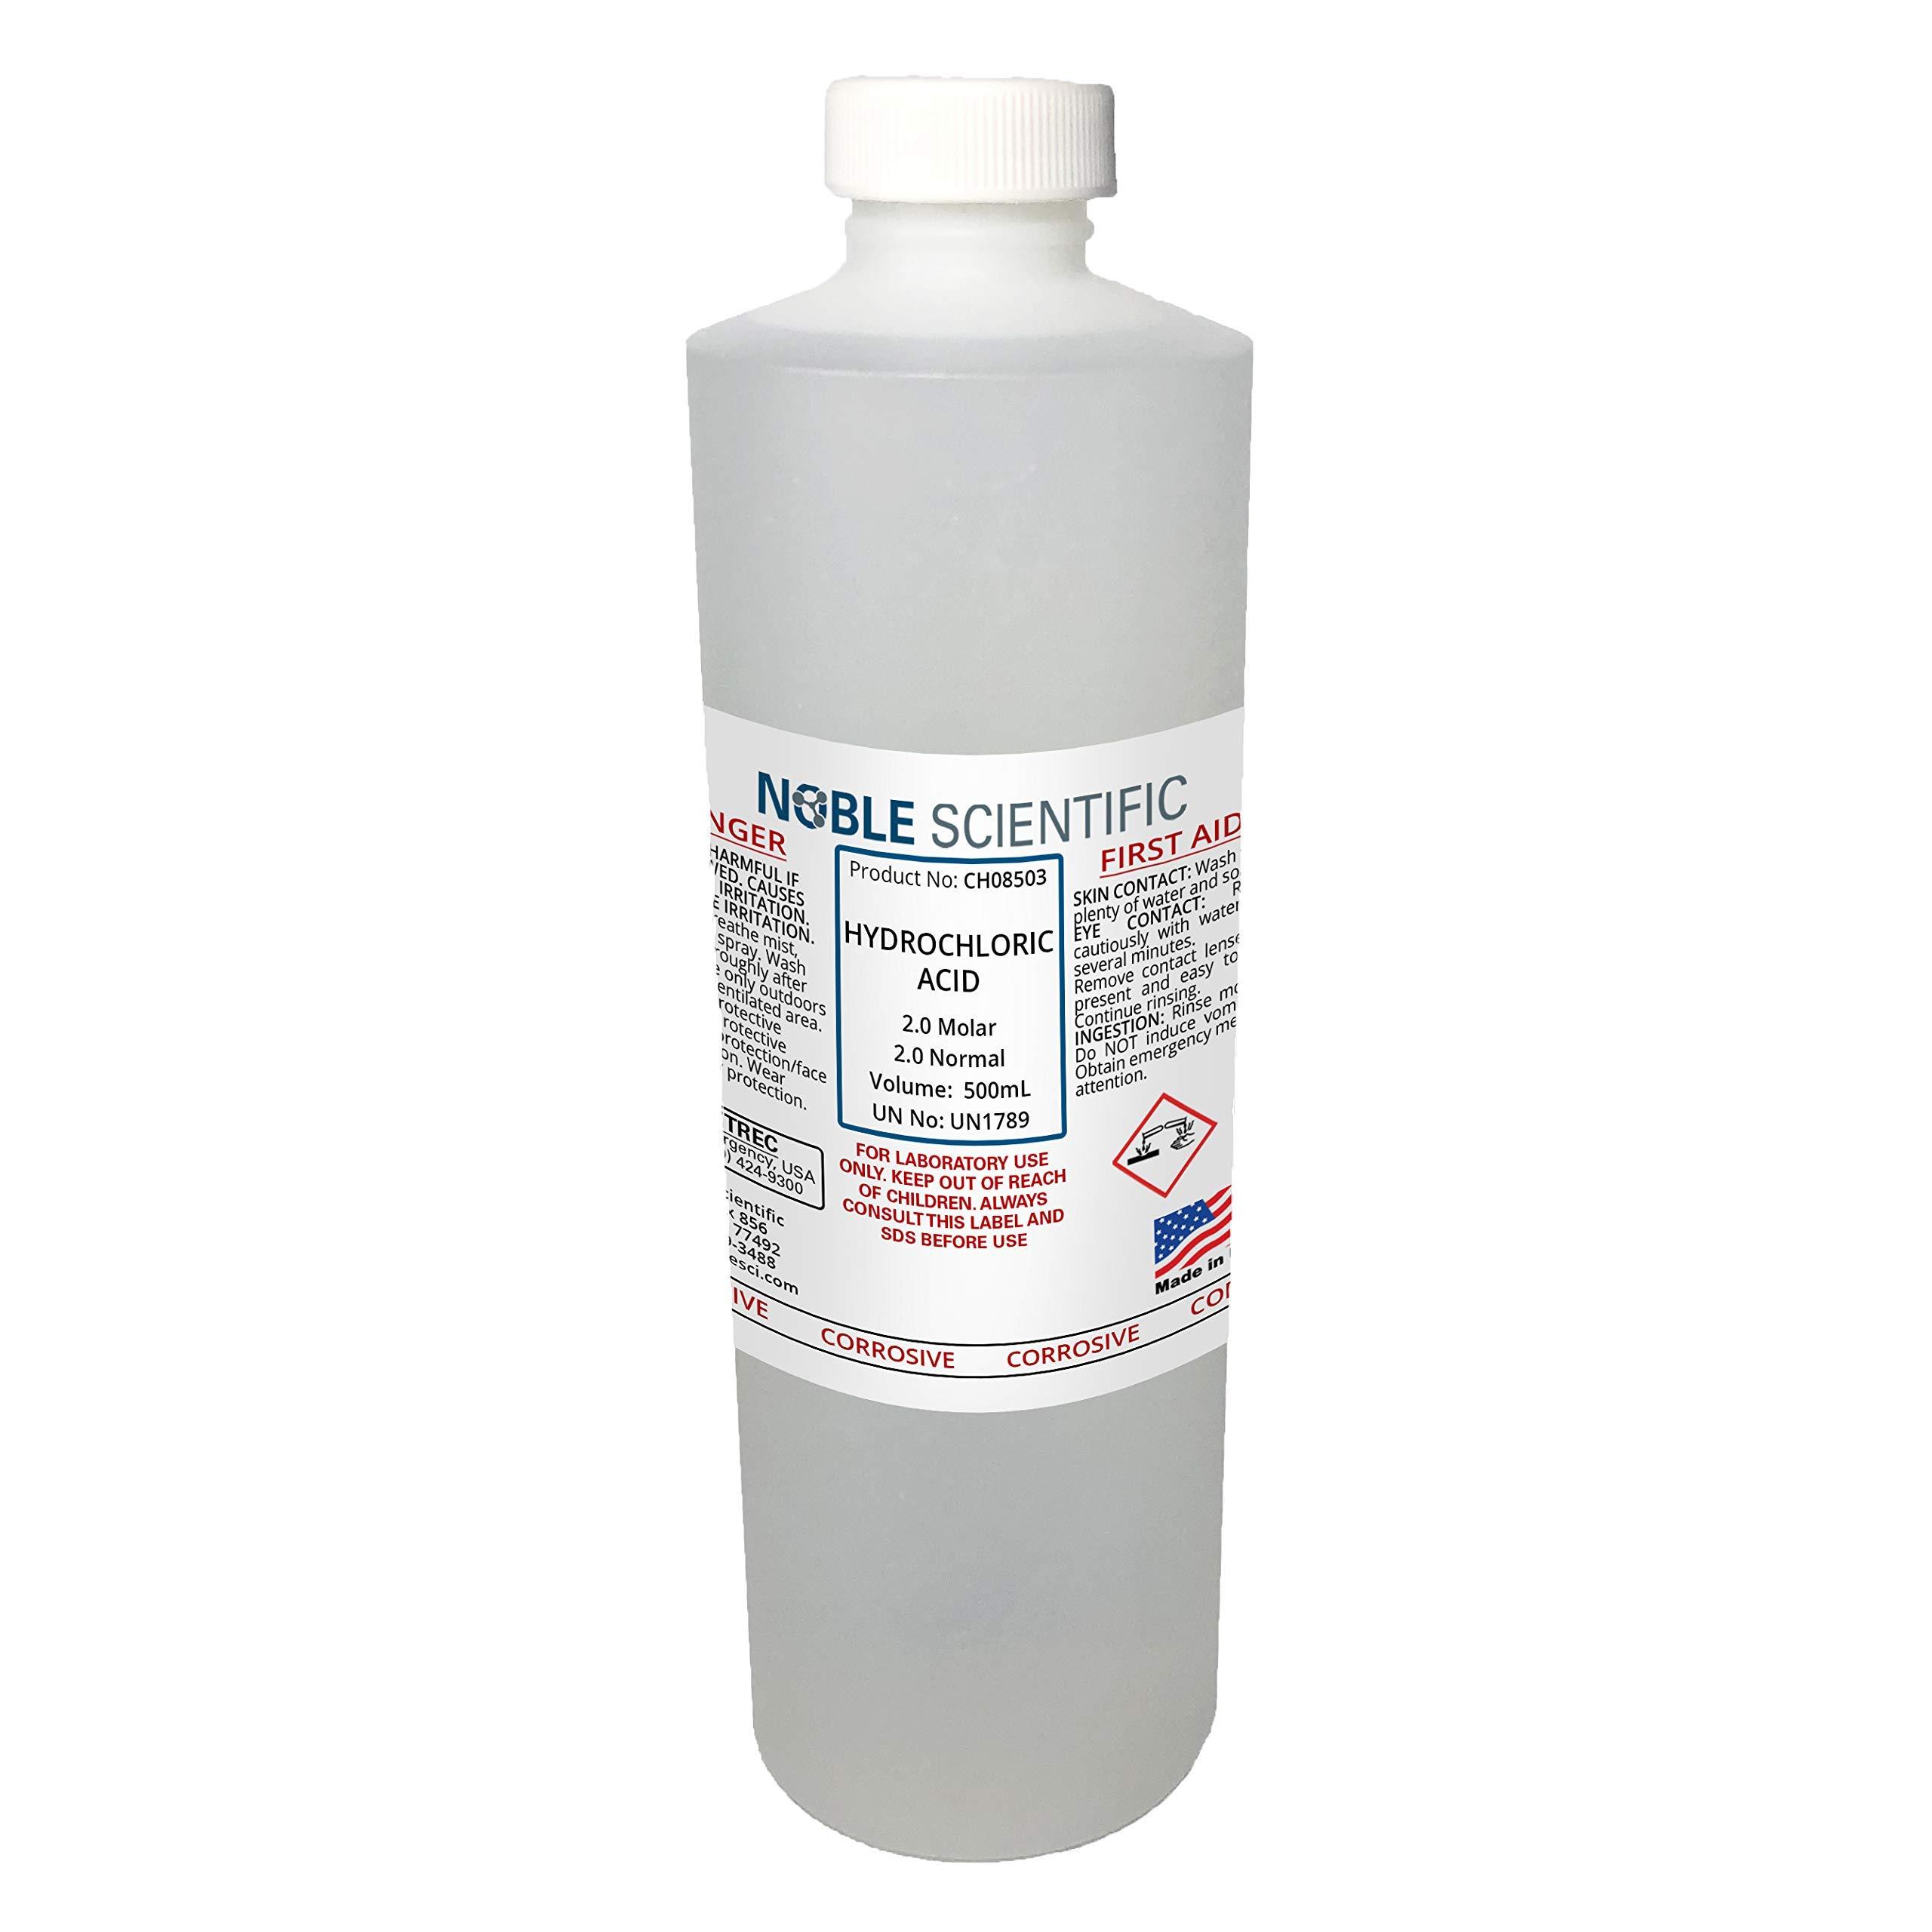 Hydrochloric Acid Solution, 2.0N (2.0M), 500mL